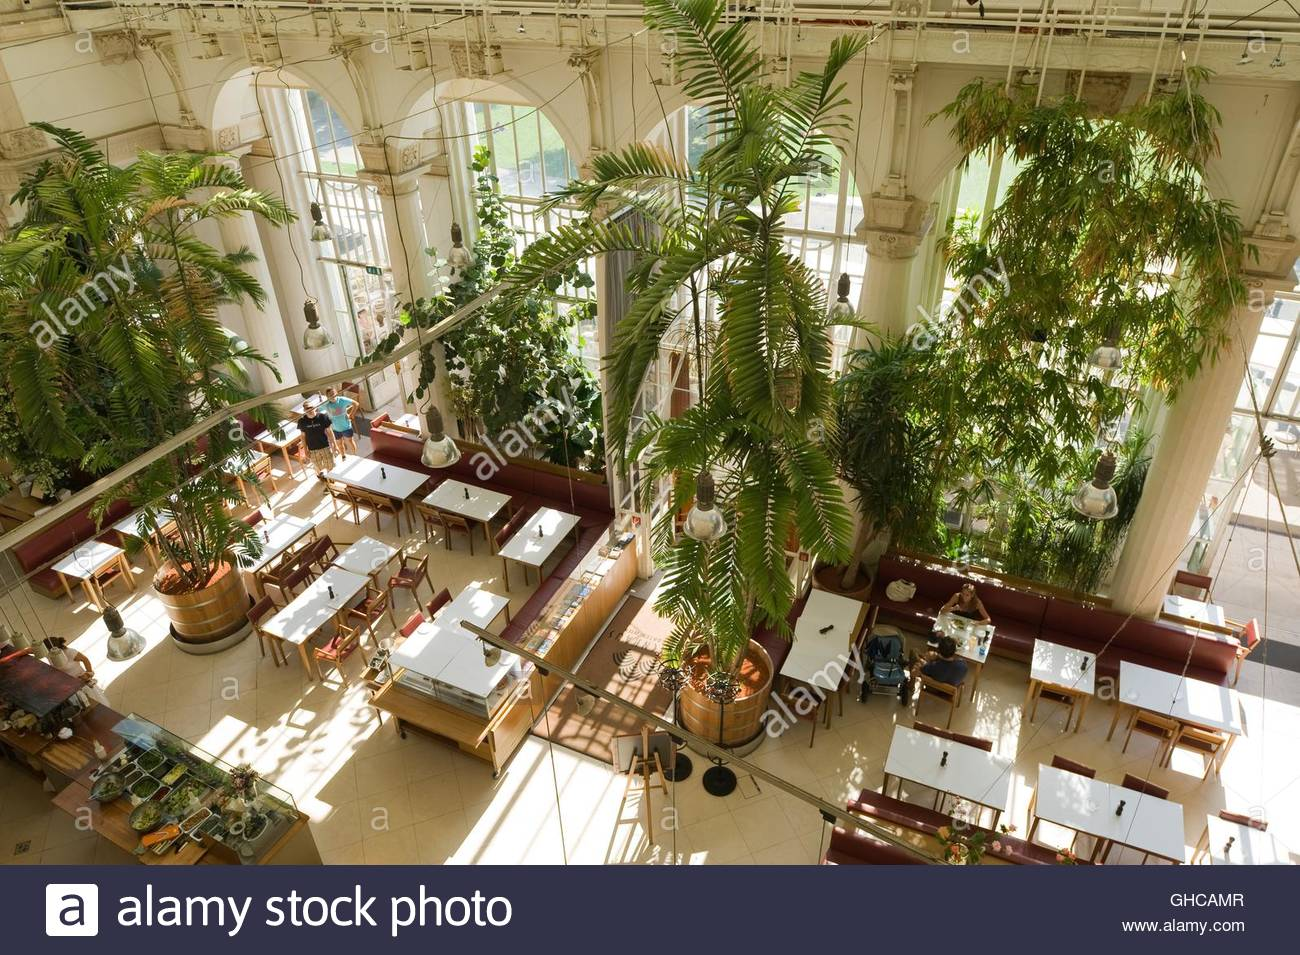 Wien, Burggarten, Palmenhaus, Cafe im Innenraum von Eichinger und Knechtl 1998 (EDITORIAL USE ONLY, ADVERTISING - Stock Image